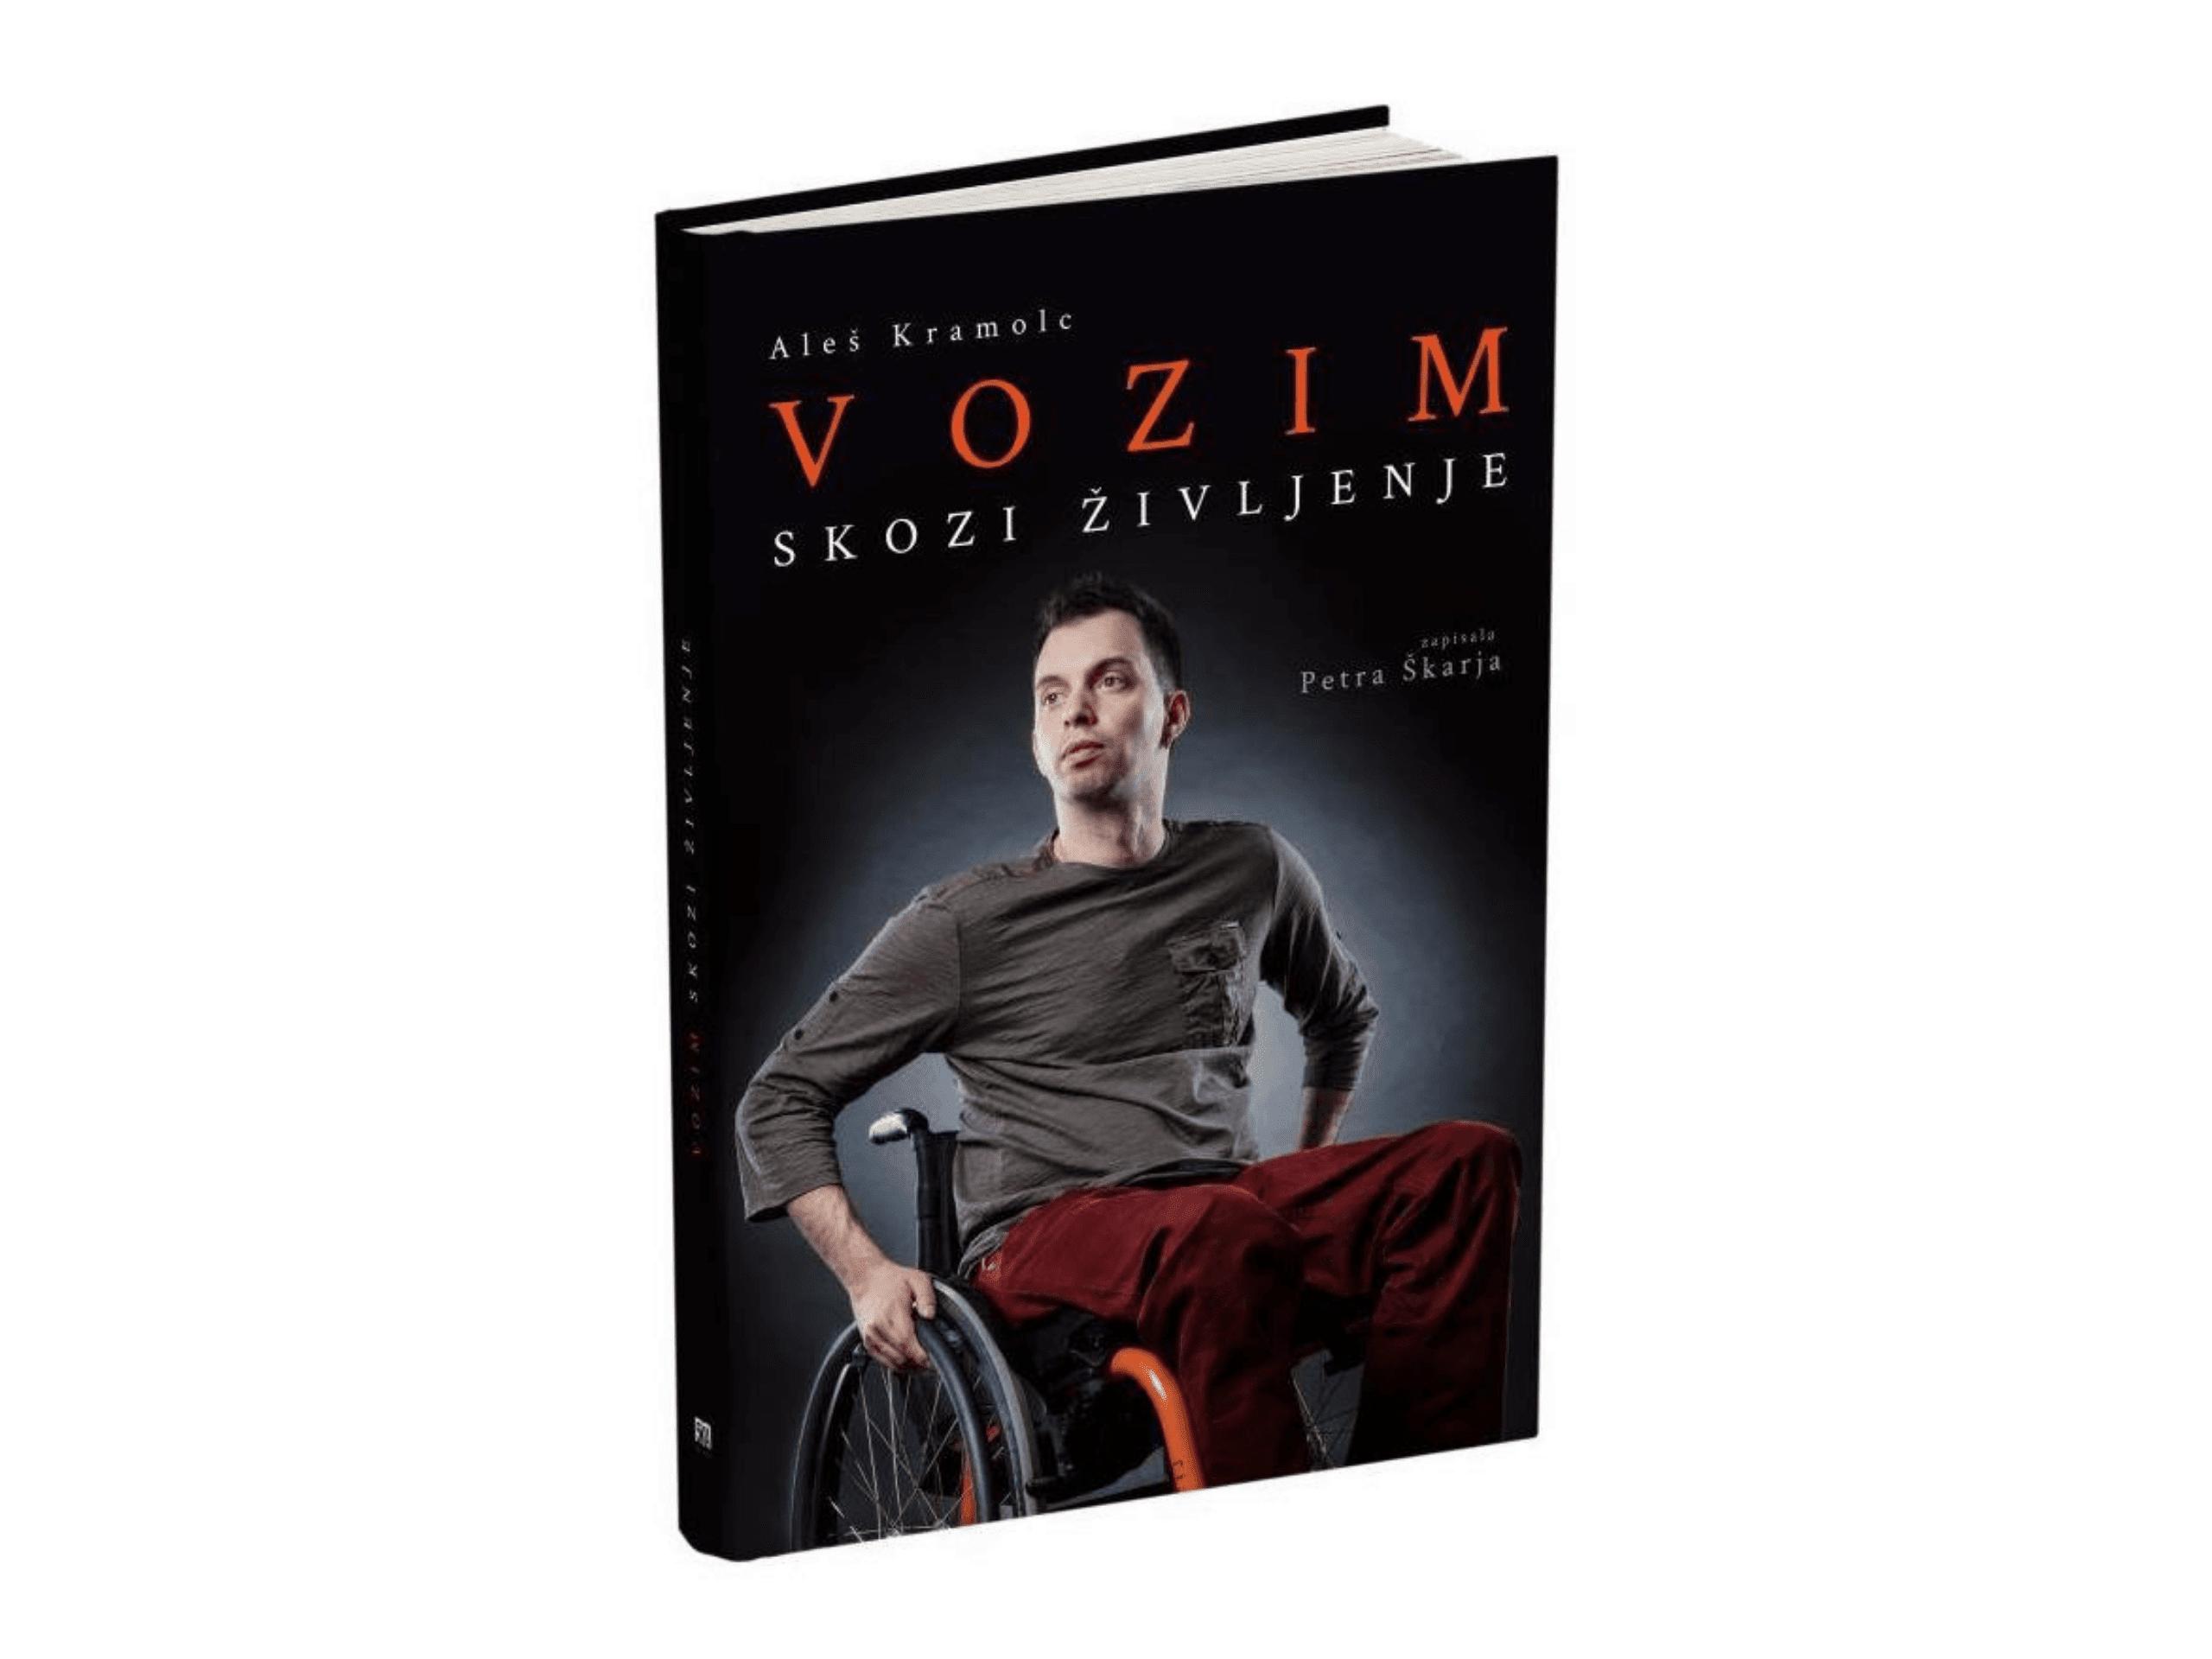 knjiga_VOZIM skozi življenje